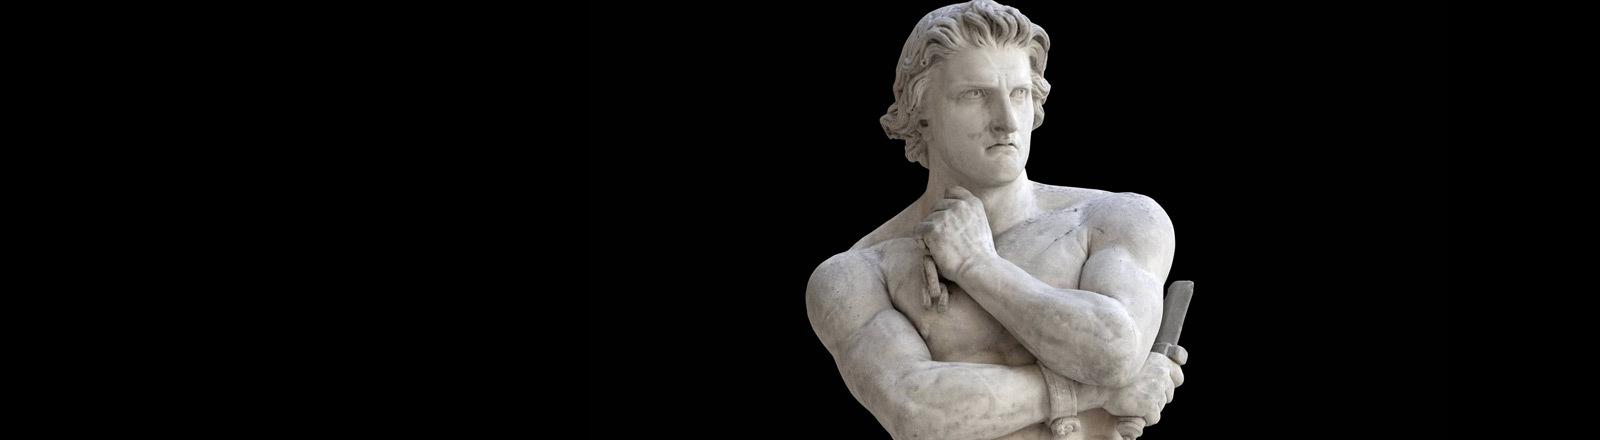 Spartacus, Anführer eines nach ihm benannten Sklavenaufstandes im Römischen Reich.